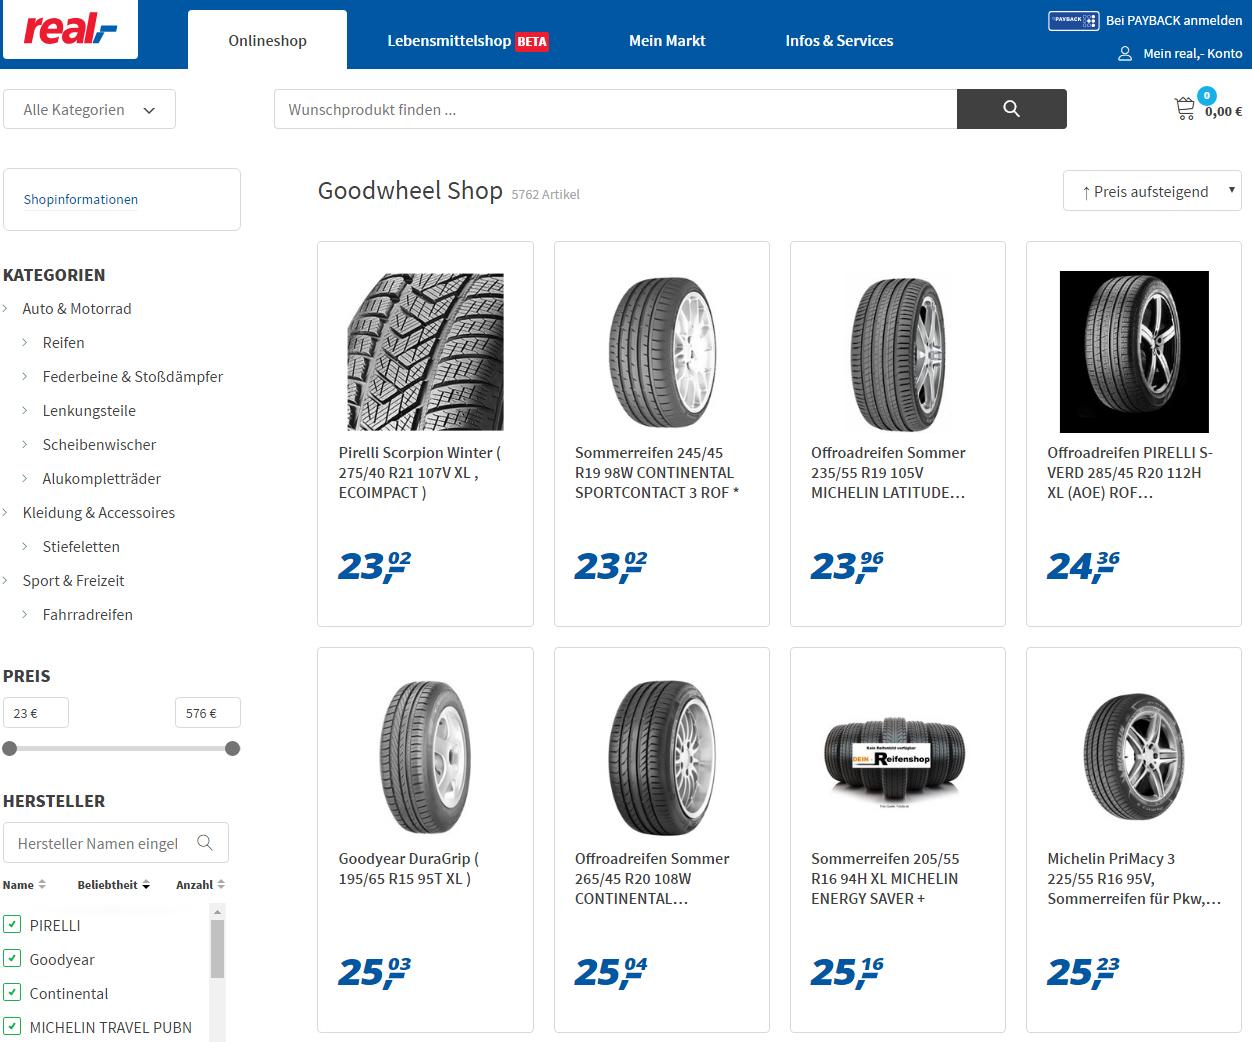 Preisfehler? - Diverse Markenreifen im Real-Onlineshop zu Mega-Preisen